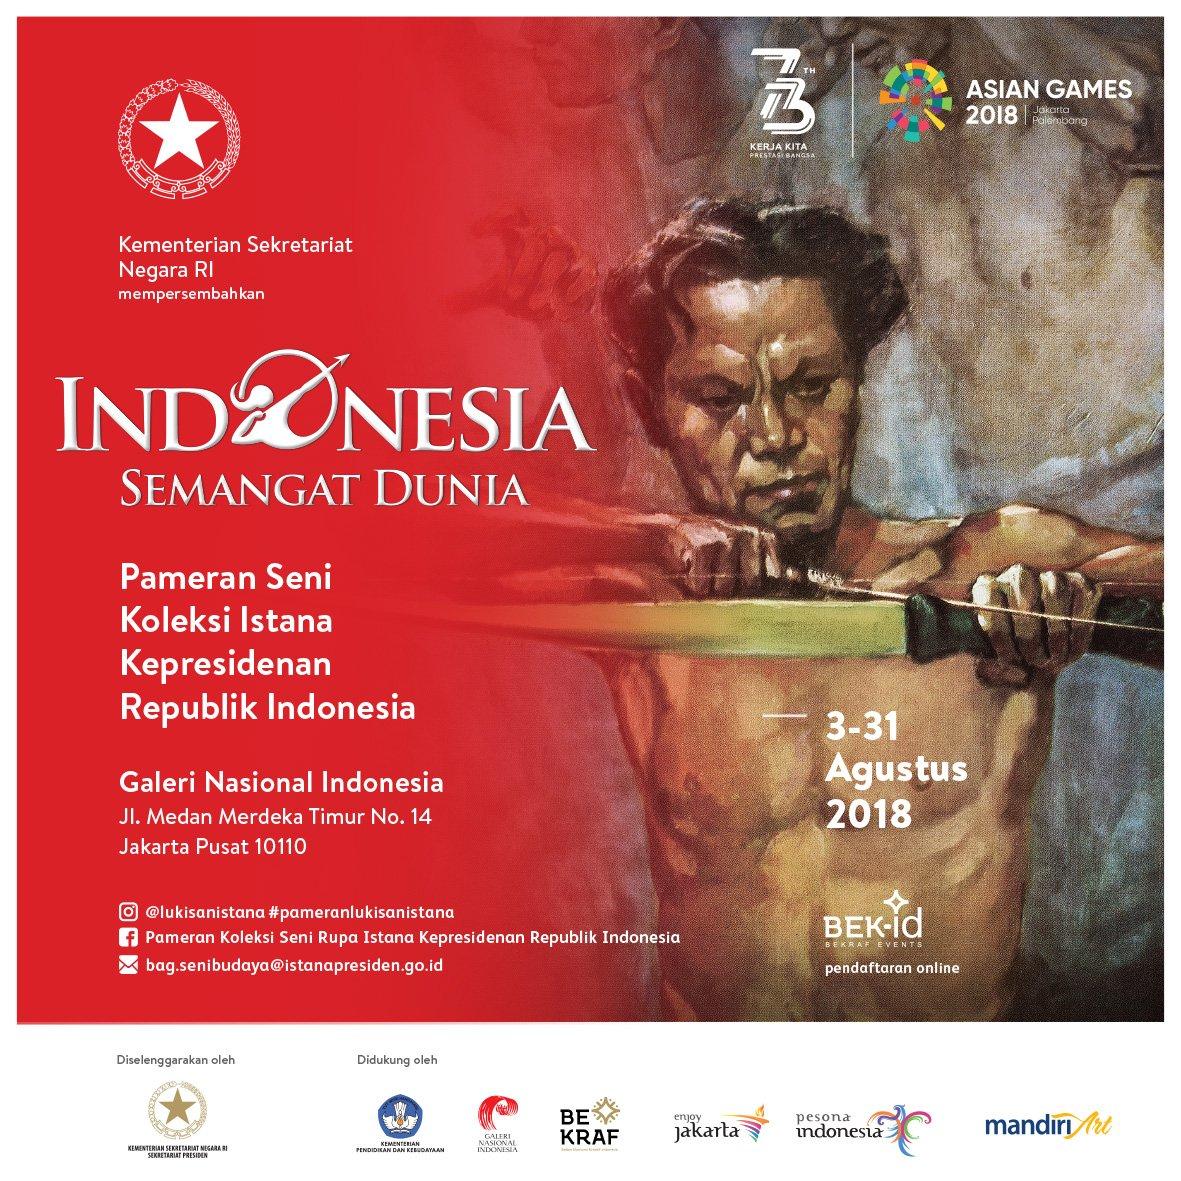 Image result for indonesia semangat dunia galeri nasional